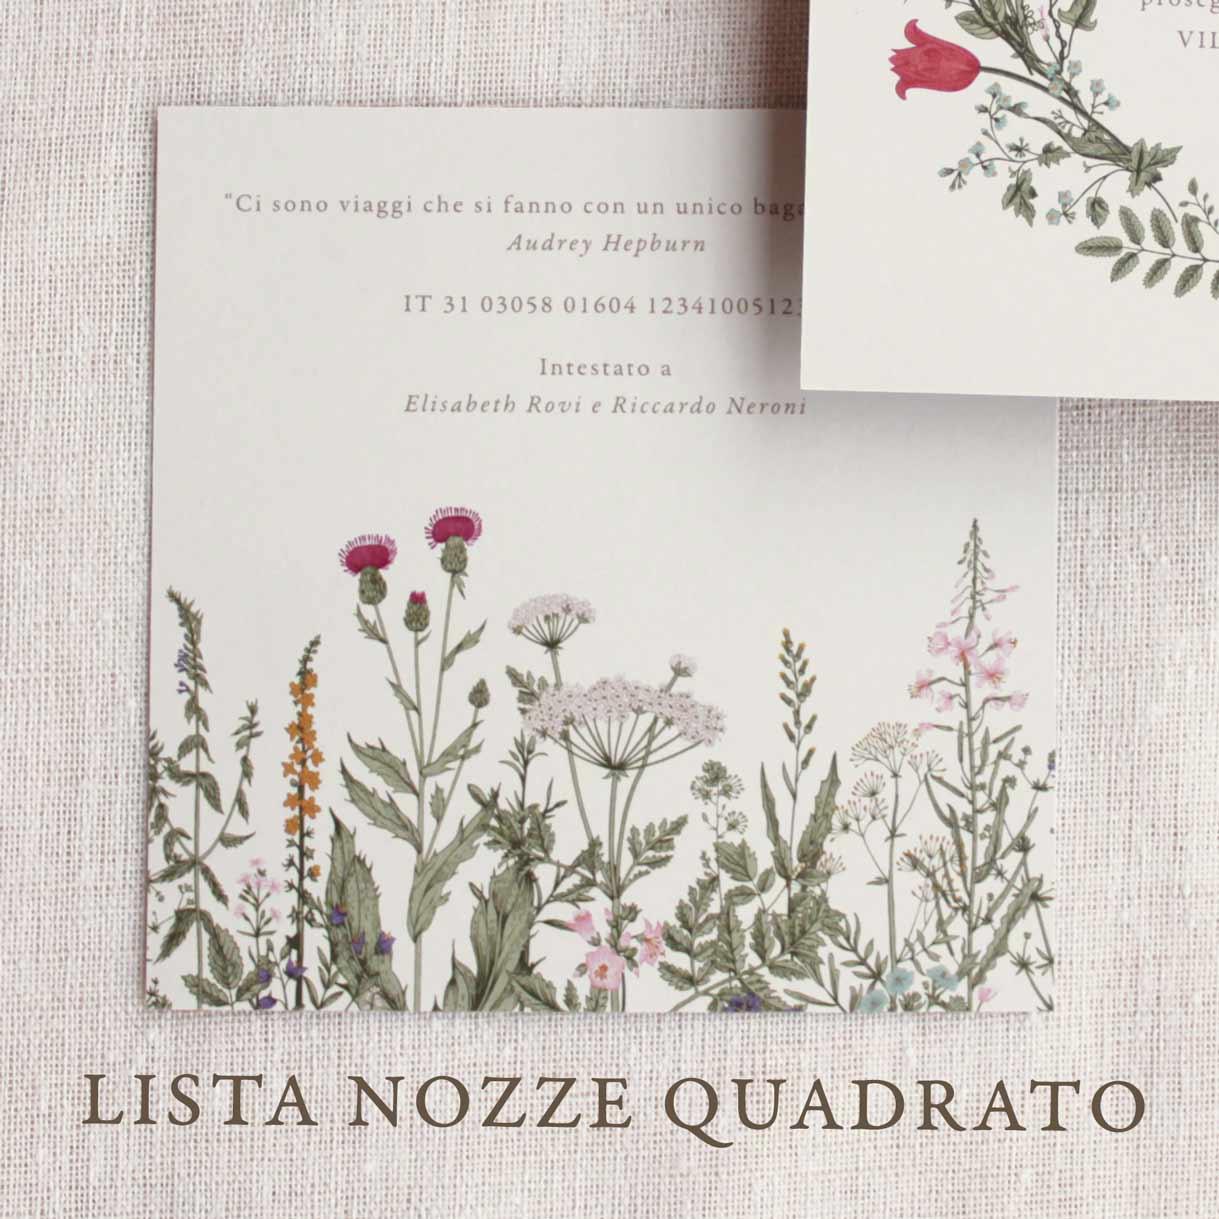 Partecipazioni-invito-nozze-matrimonio-fiori-verde-ulivo-margherite-flower-wedding-lista-nozze-iban